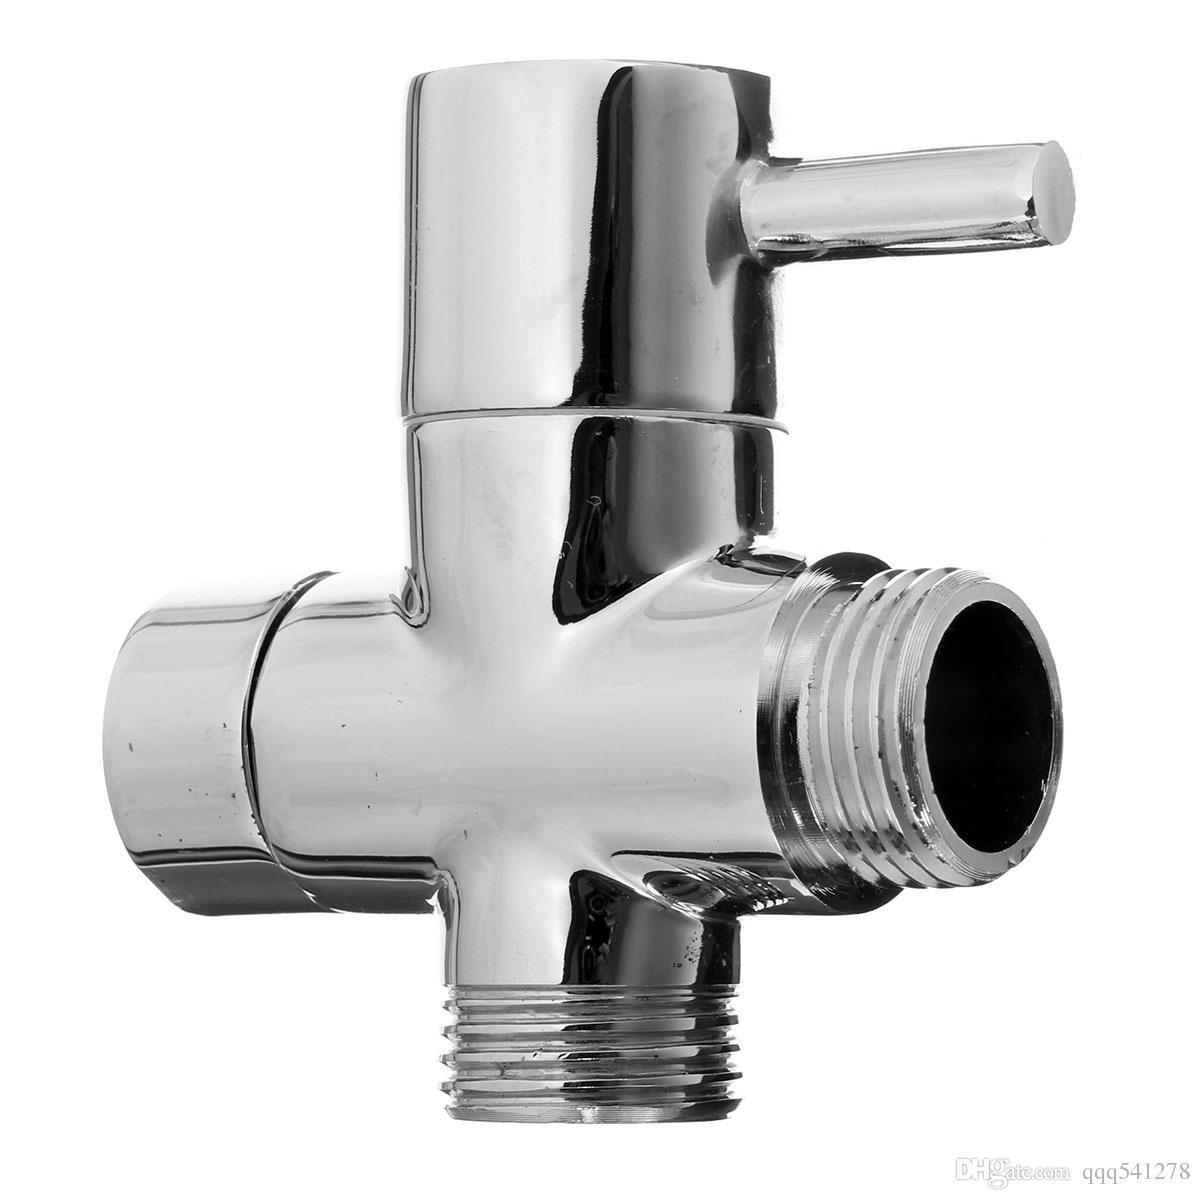 Full Size of Wasserhahn Anschluss 1 2 Messing Dusche T Küche Für Wandanschluss Bad Wohnzimmer Wasserhahn Anschluss